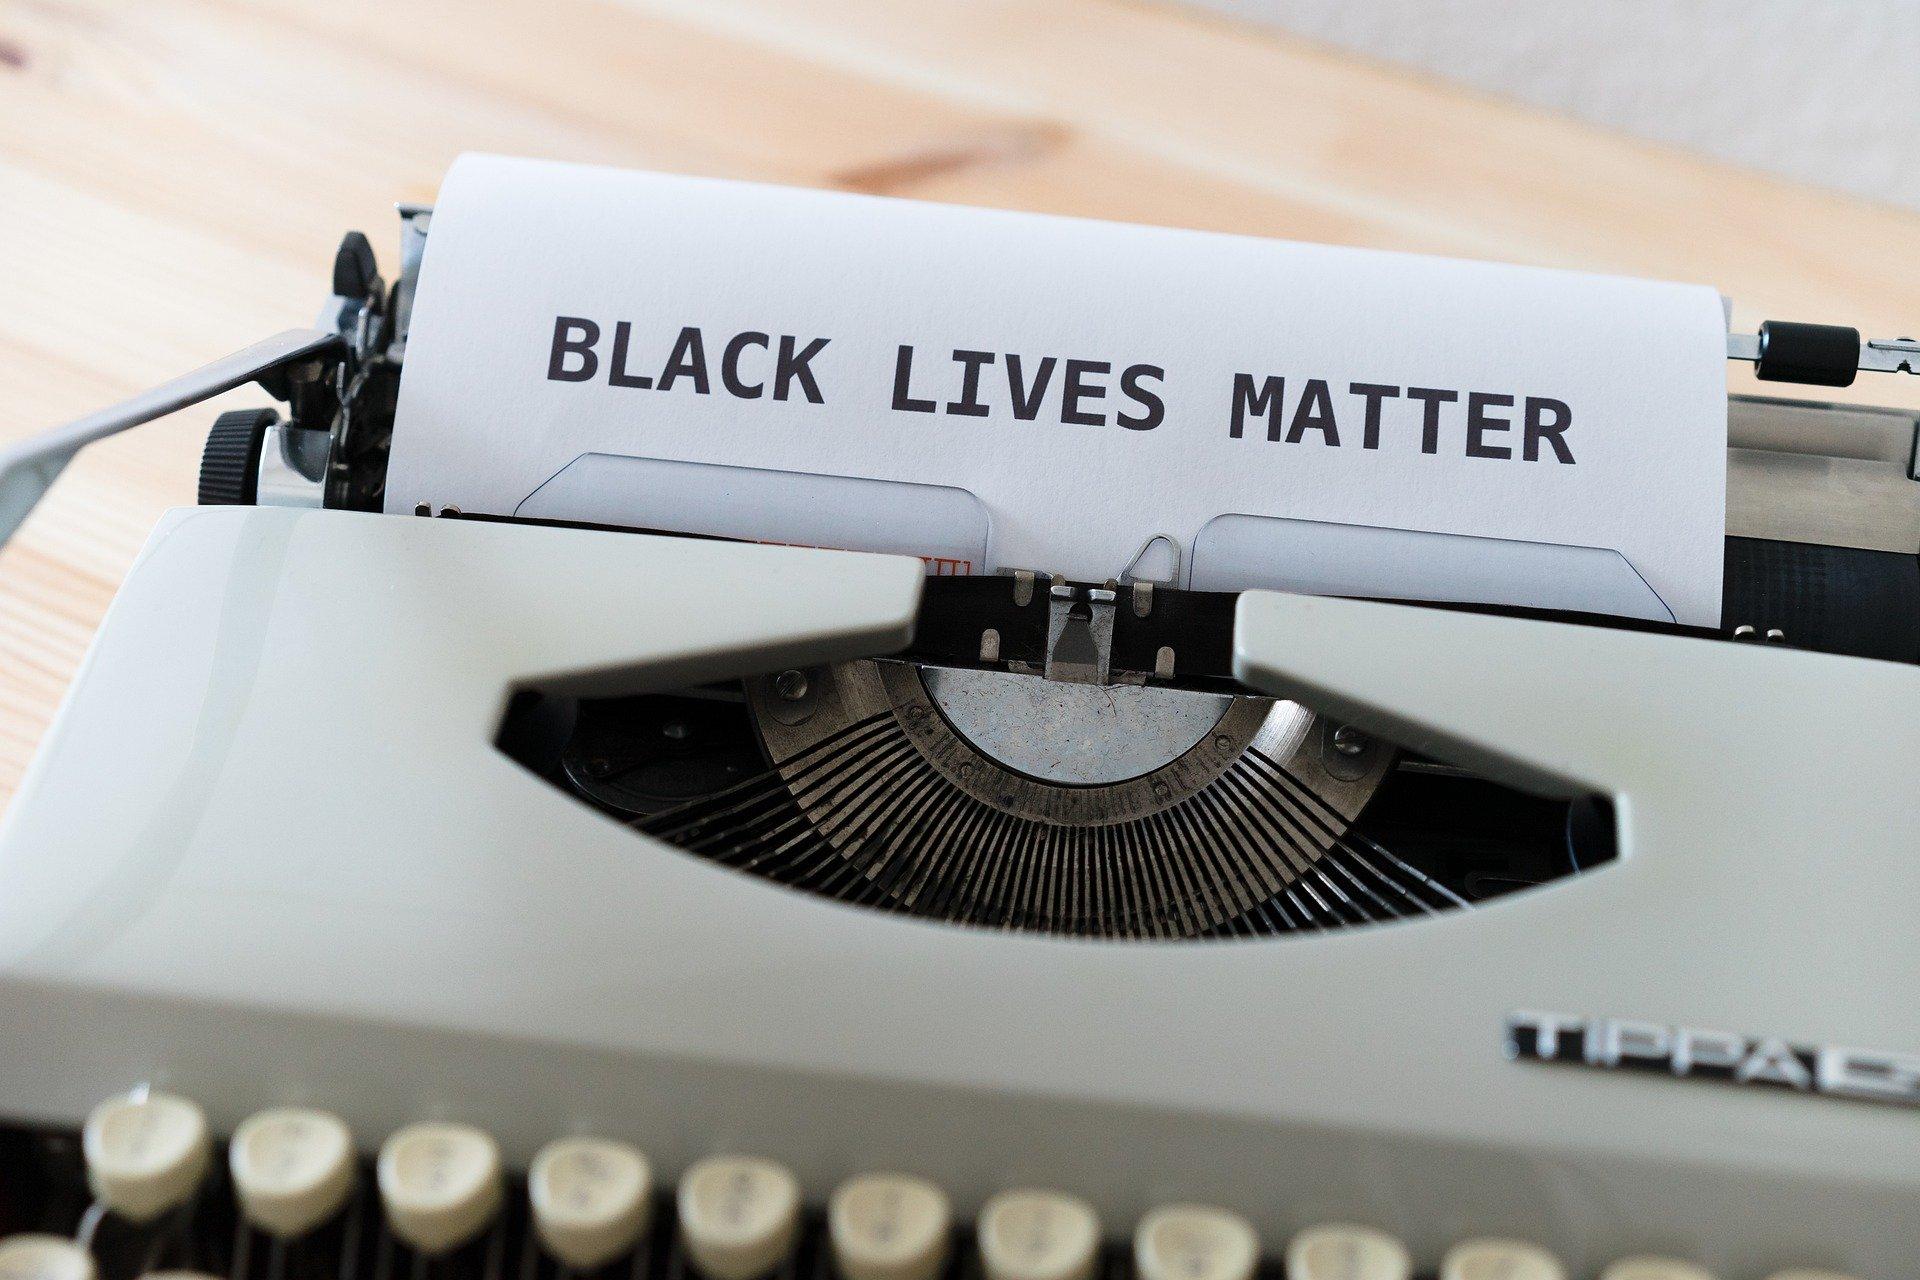 macchina da scrivere scritta black lives matter Il mio viaggio in Giappone traveltherapists miglior blog di viaggio